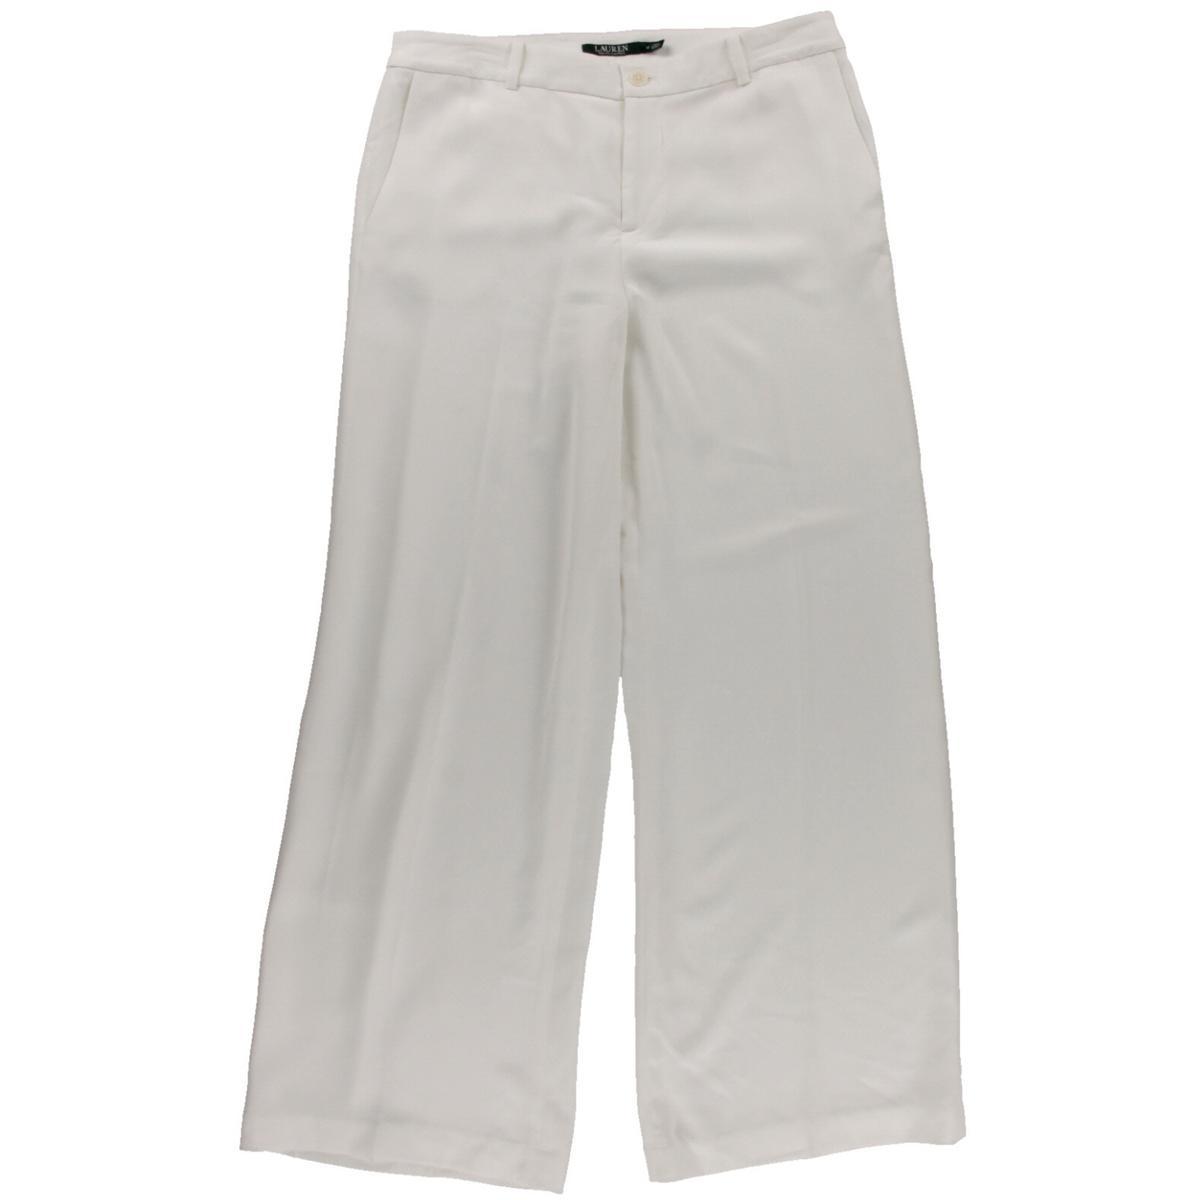 Brilliant Ralph Lauren Pants Hudson C34 Ibndp B3434 Vintage Olive Pants Women